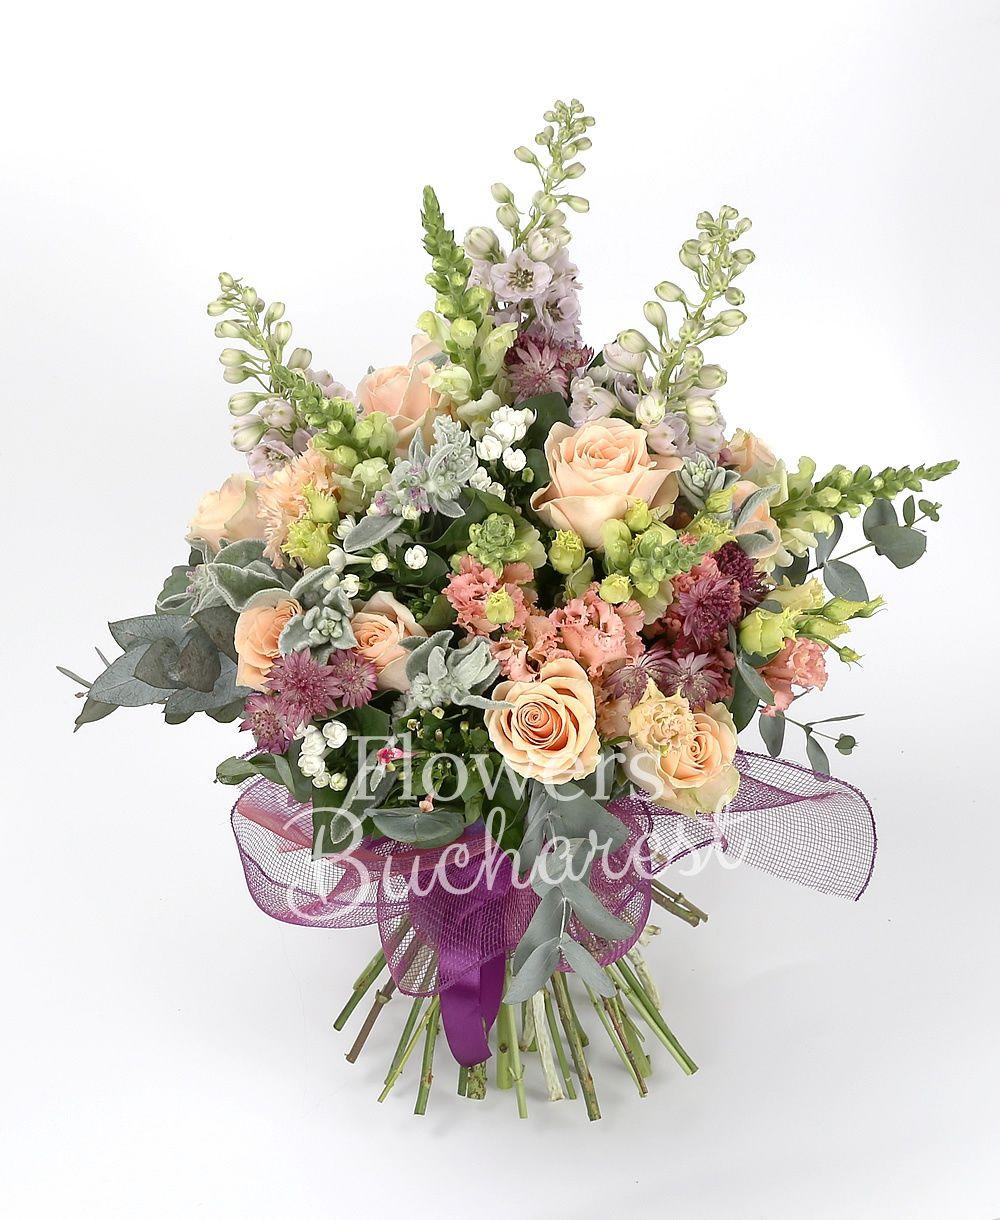 15 cream rose, 3 delphinium, 5 white antirrhinum, 5 pink lisianthus, 7 white bouvardia, 5 pink bouvardia, greens astranția, greenery